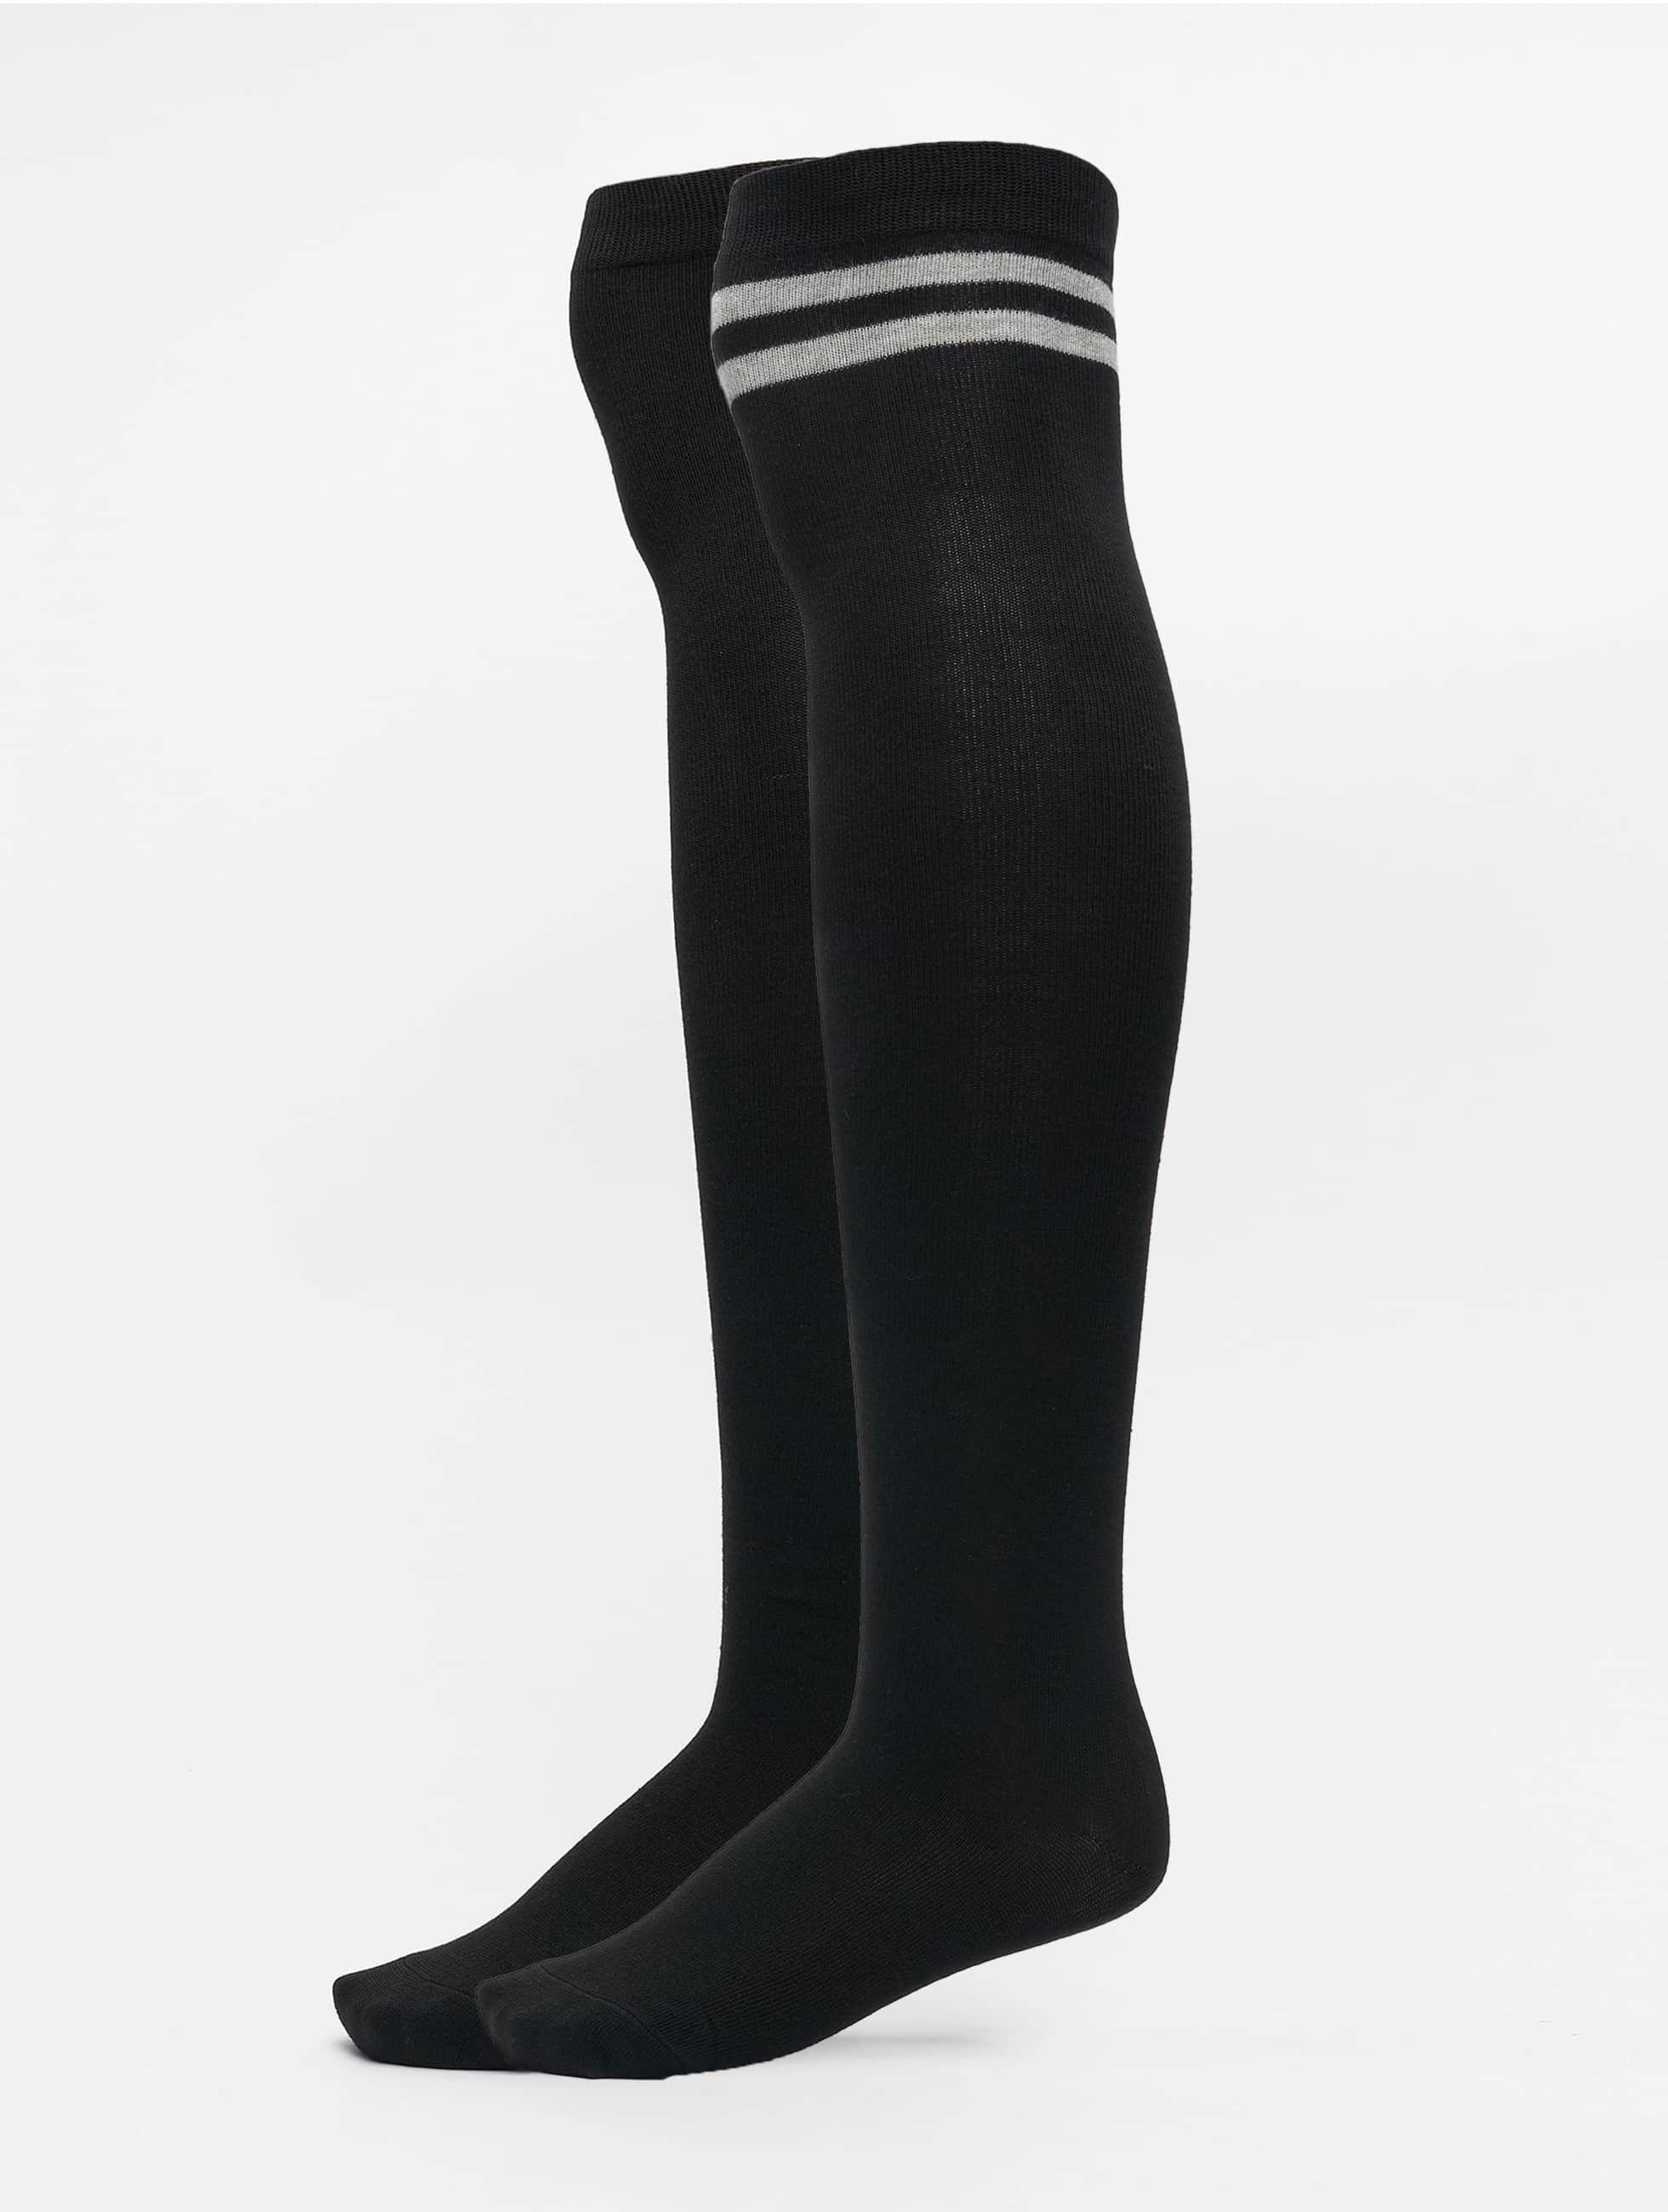 Urban Classics Frauen Socken Overknee in schwarz